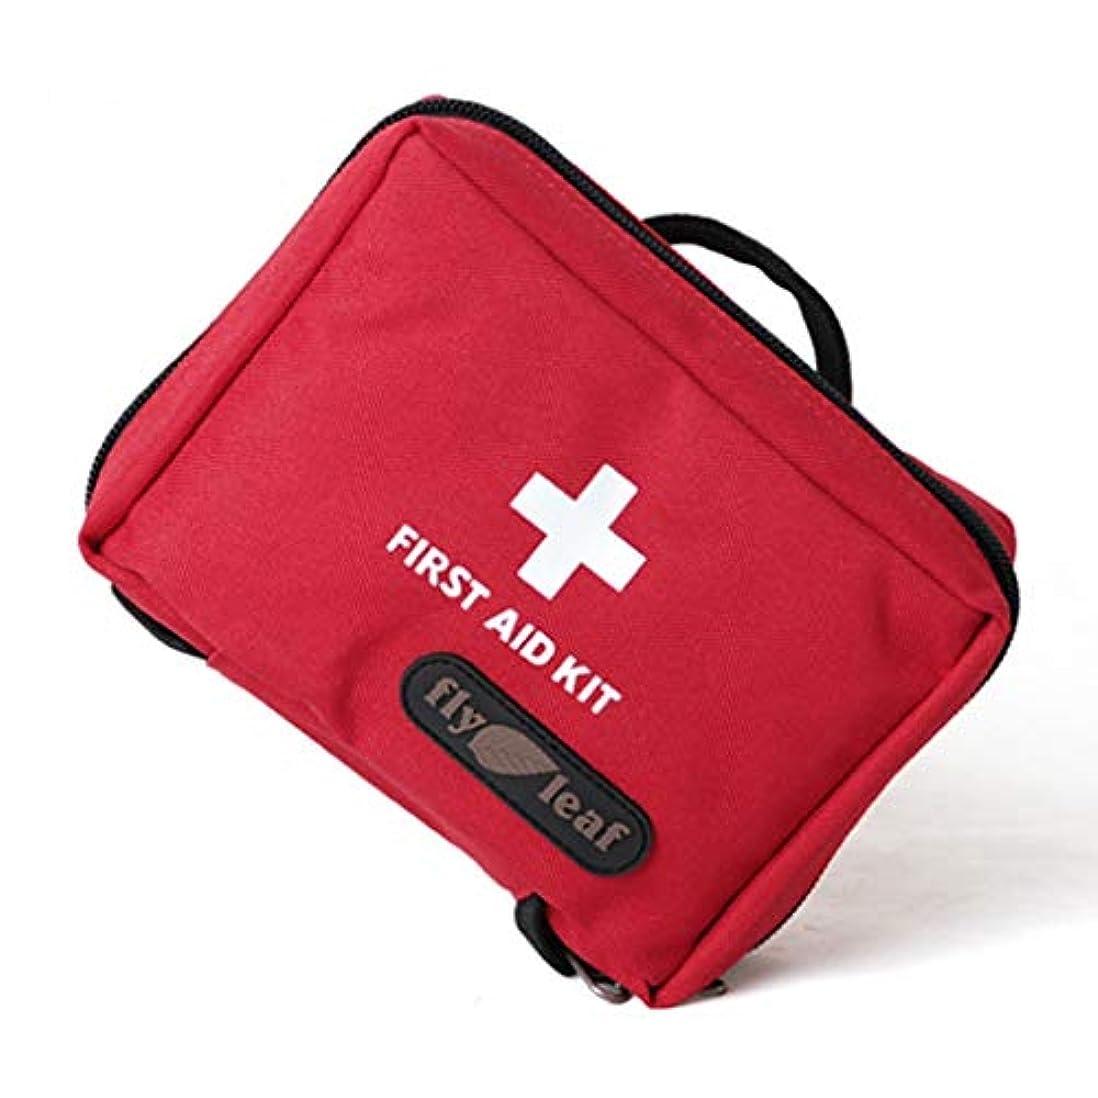 宿船上尽きるFirst aid kit 空のバッグ応急処置キット旅行緊急サバイバルポーチ医療収納袋ナイロンサバイバルパッケージ/黒、赤 XBCDP (Color : Red)